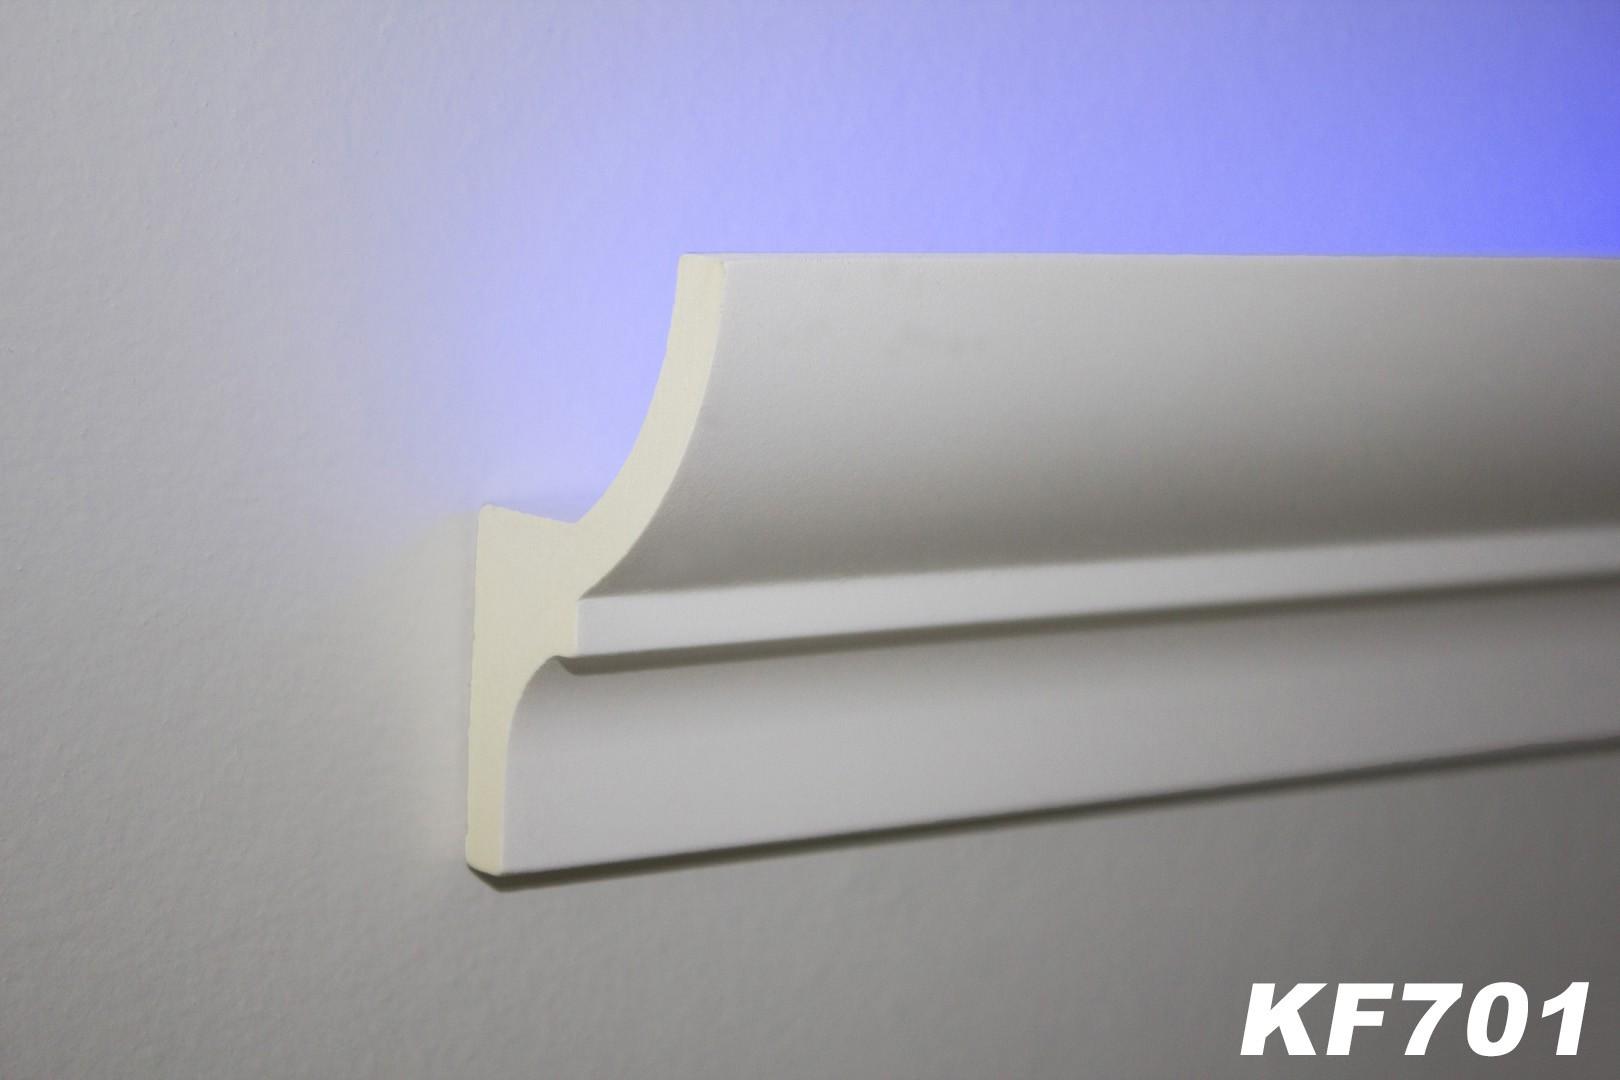 Kf701 originalbild